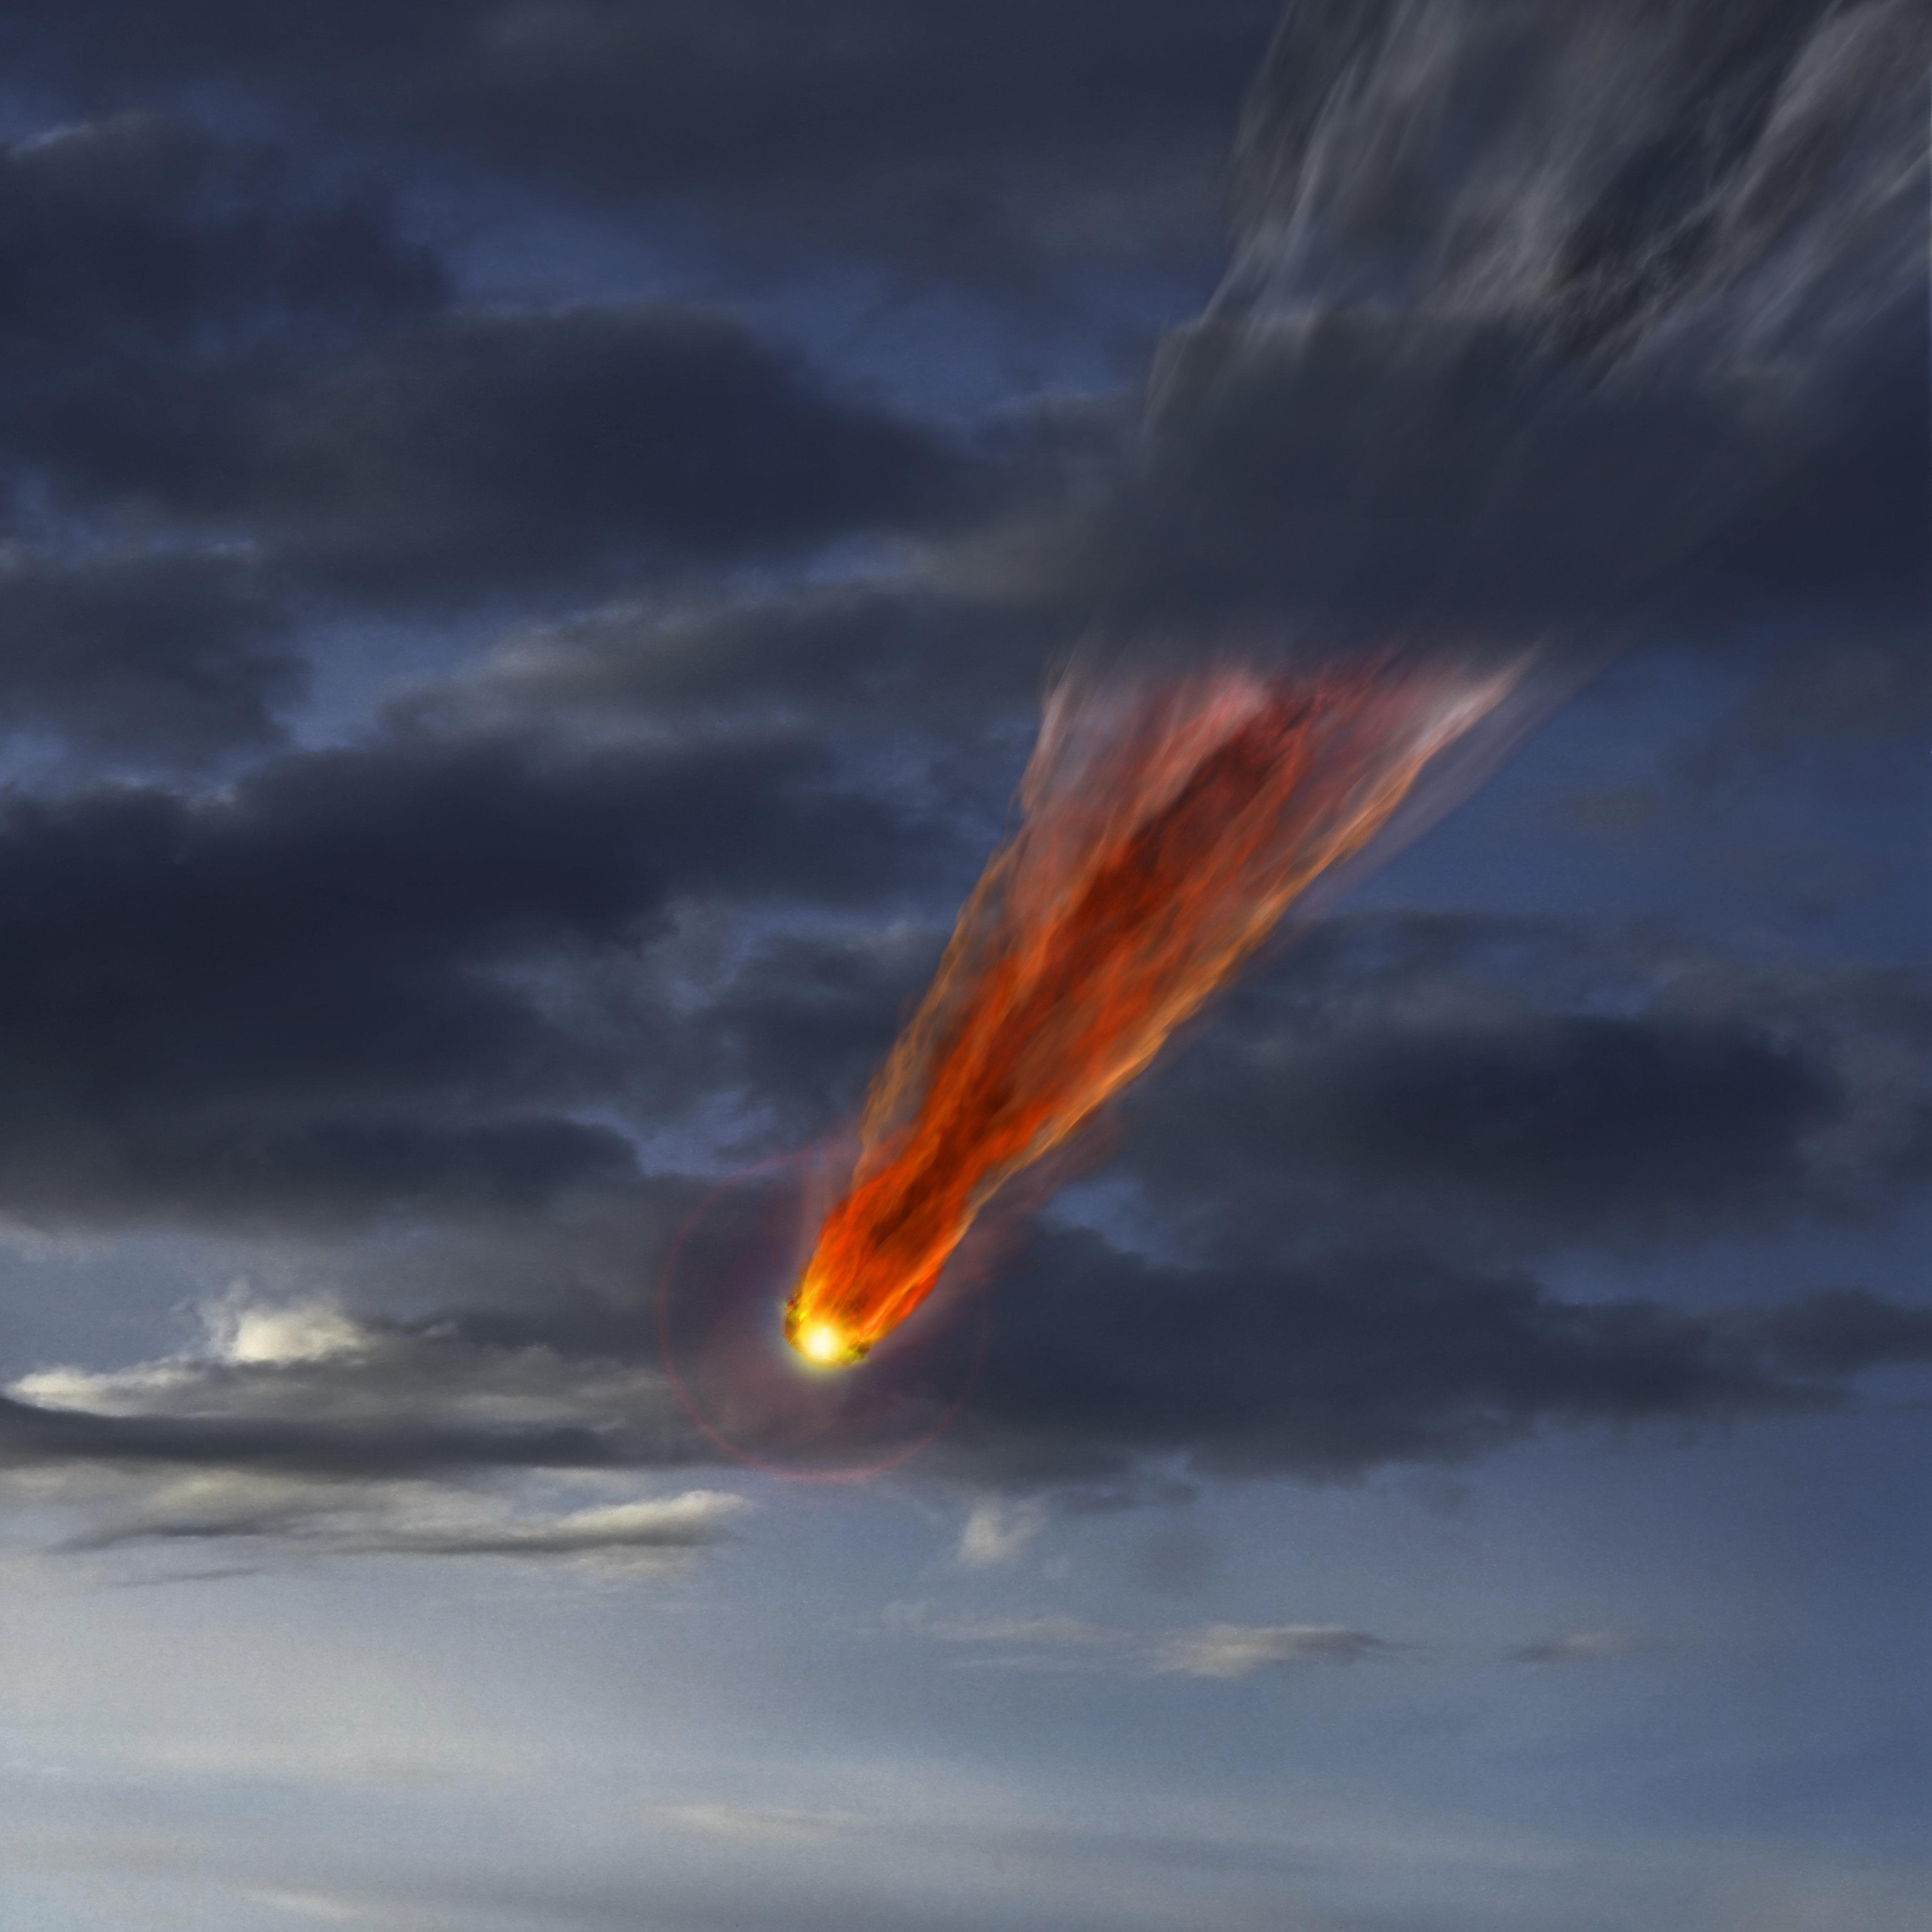 Πολύχρωμες φλόγες και ηχηρές «εκρήξεις» στον ρωσικό ουρανό από την πτώση μετεωρίτη